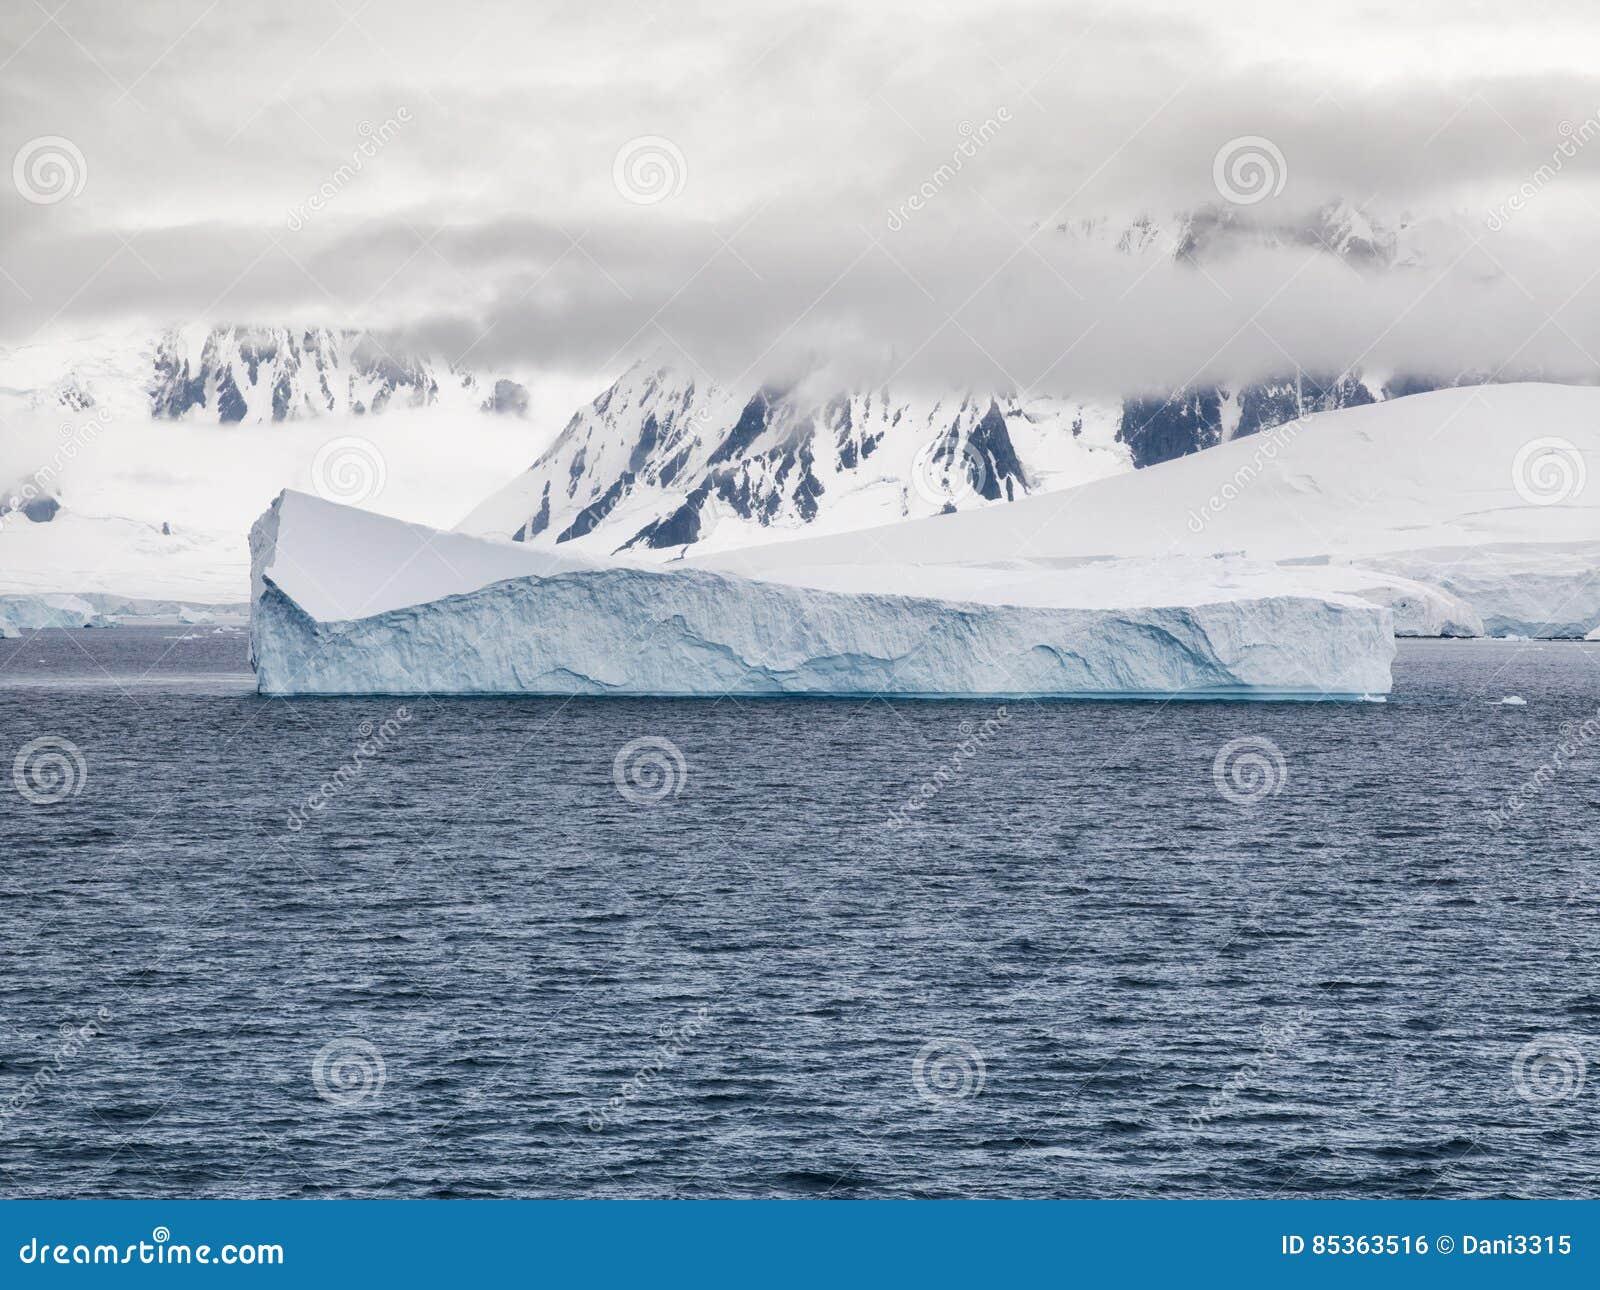 Bas nuages et icebergs entourant le littoral montagneux